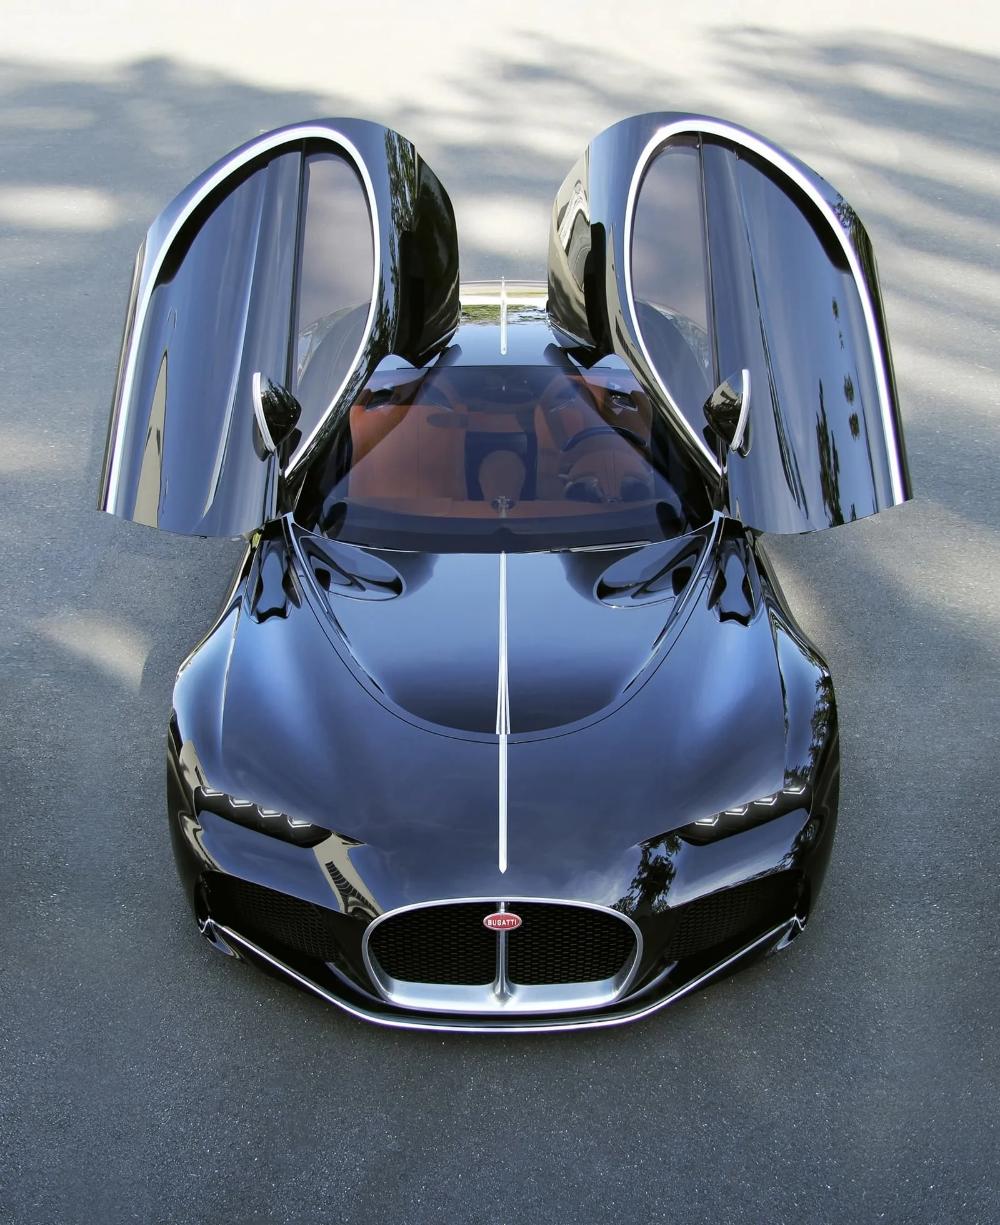 Bugatti Prototipos Secretos 2020 012 Automoviles Deportivos Exoticos Luxury Sports Cars Coches Deportivos De Lujo